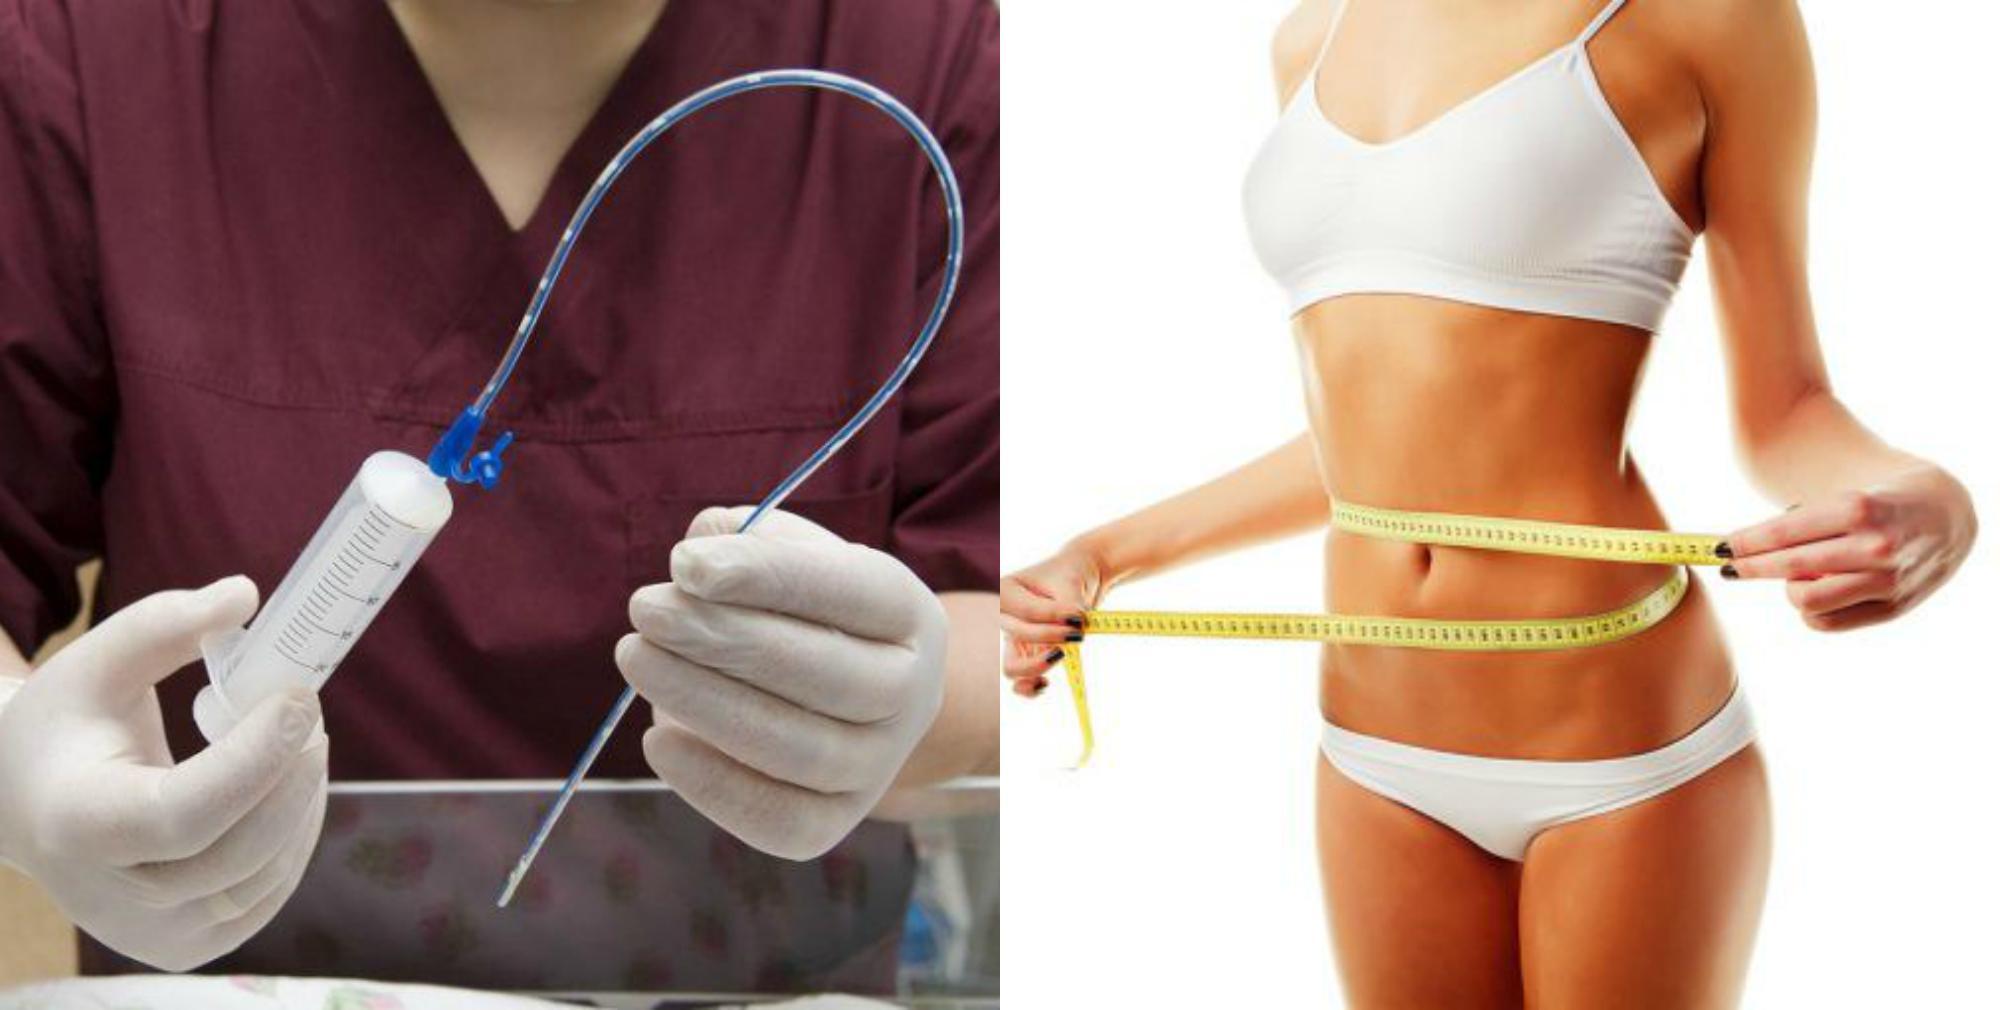 Медицинский способ похудения